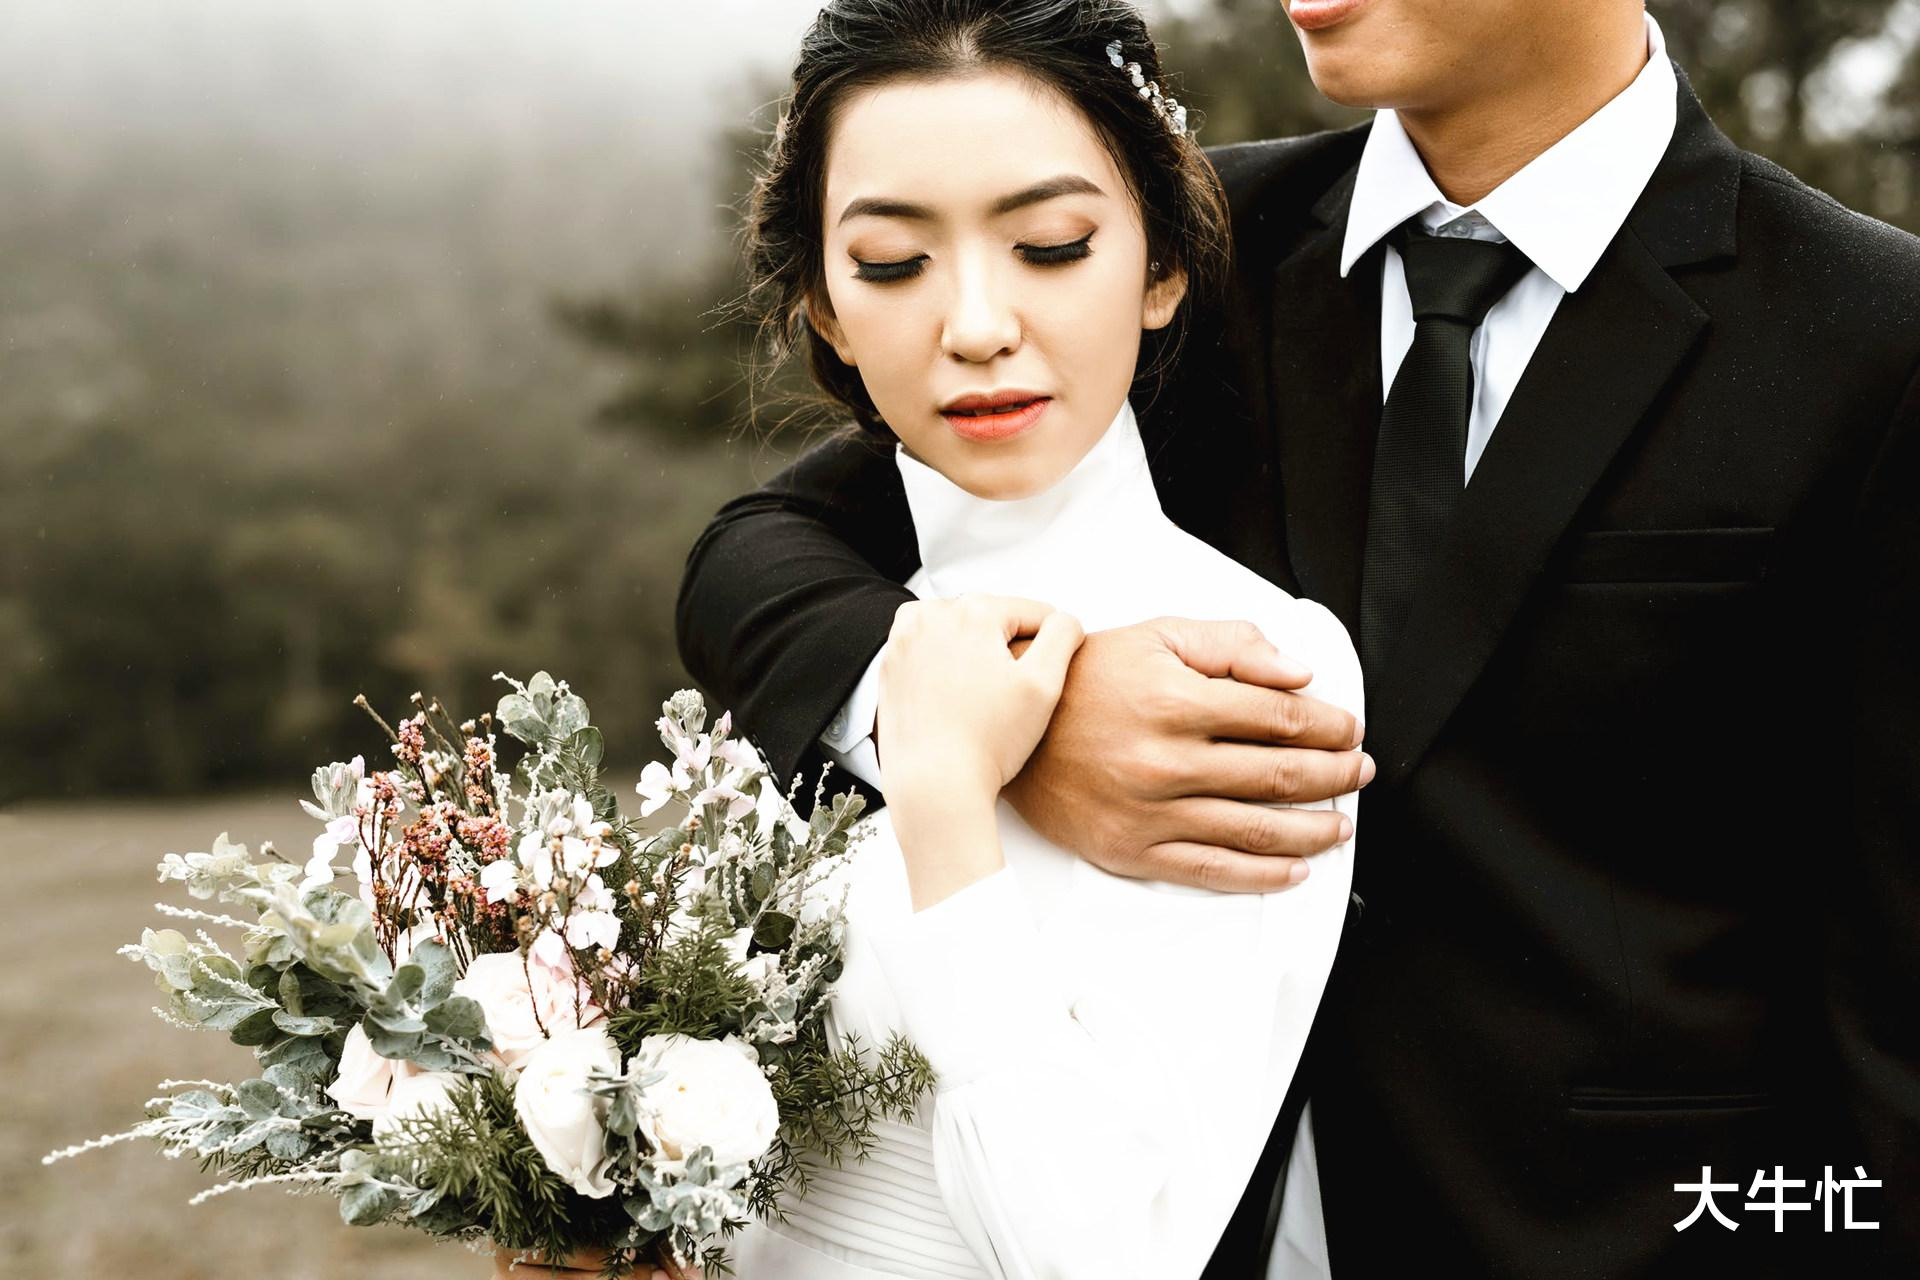 外面有情人,就不配擁有婚姻麼|一個離婚案例,感情很奇怪-圖4